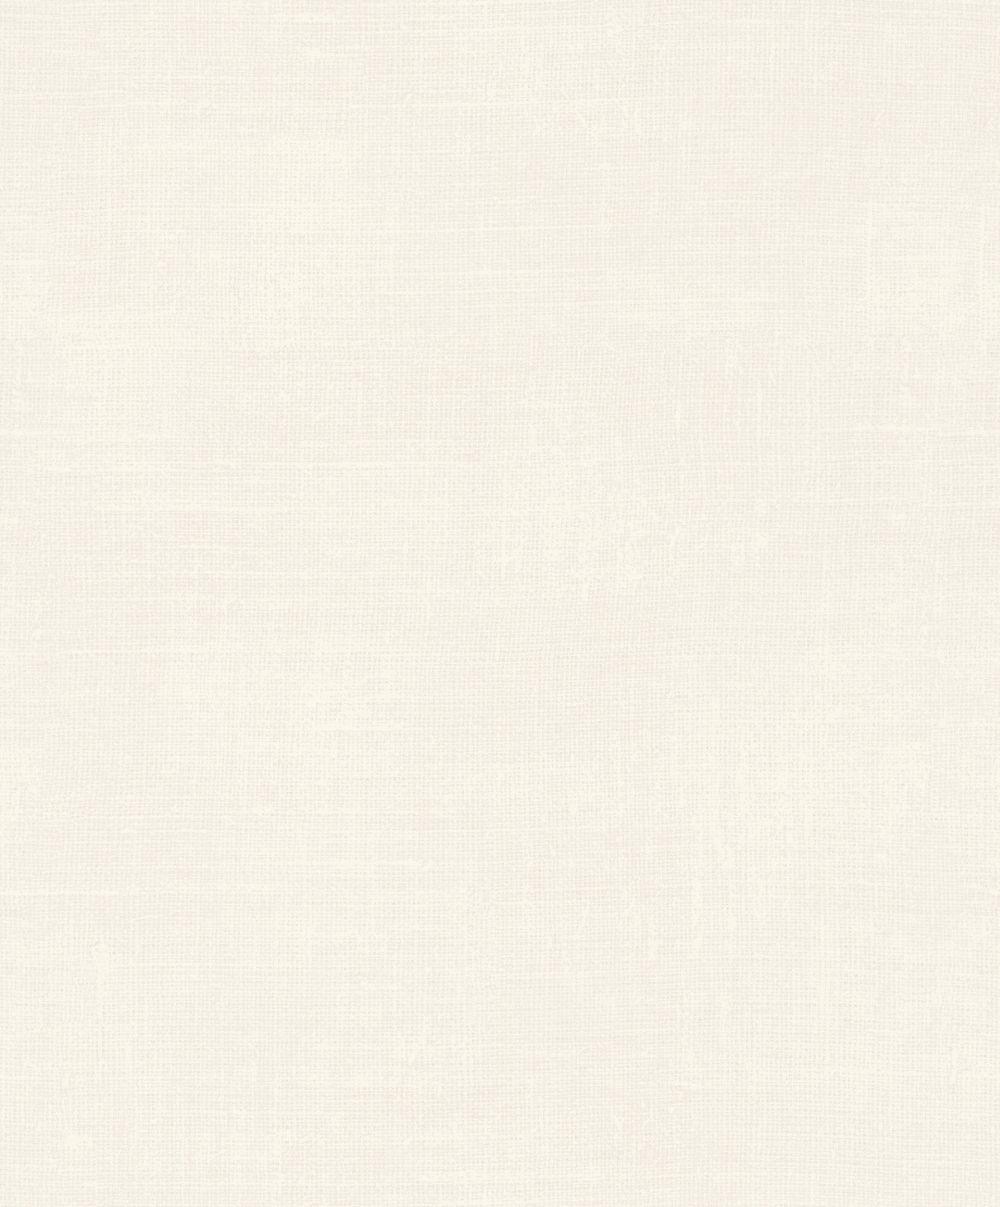 Papel de Parede Freundin Home Collection 803808 - Rolo: 10m x 0,53m